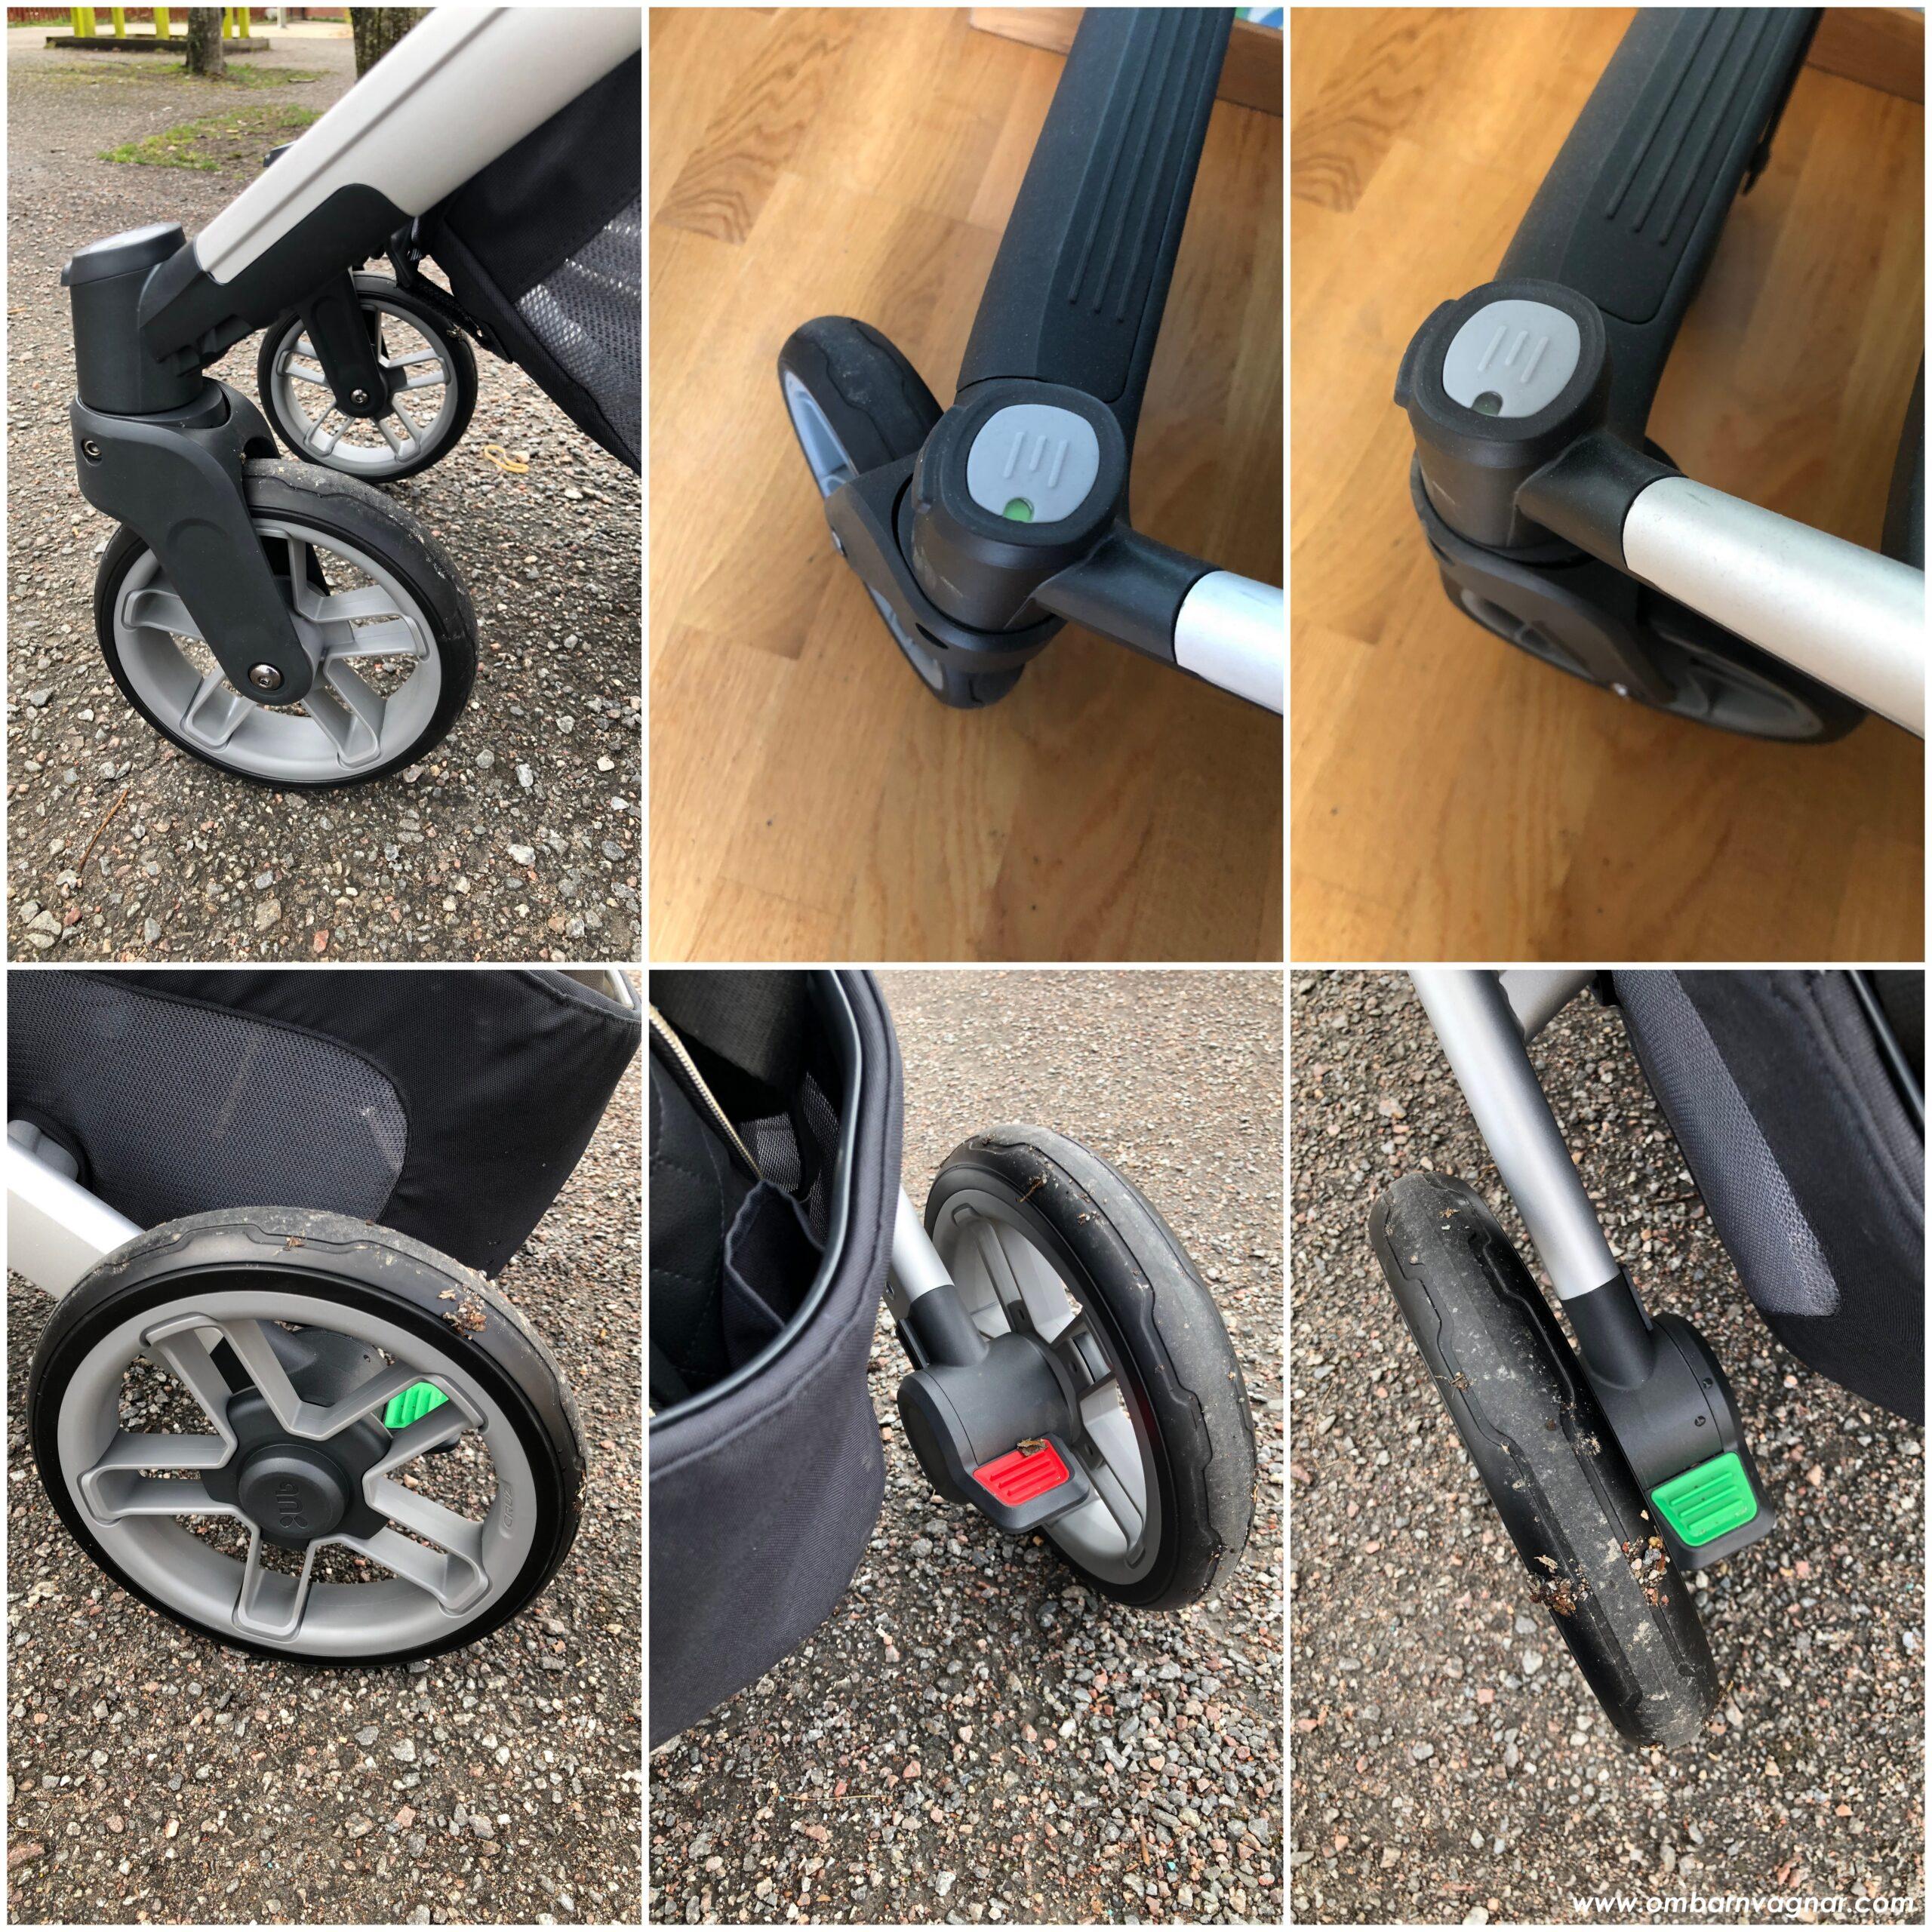 UPPAbaby Cruz V2 har punkteringsfria däck, och en tudelad broms